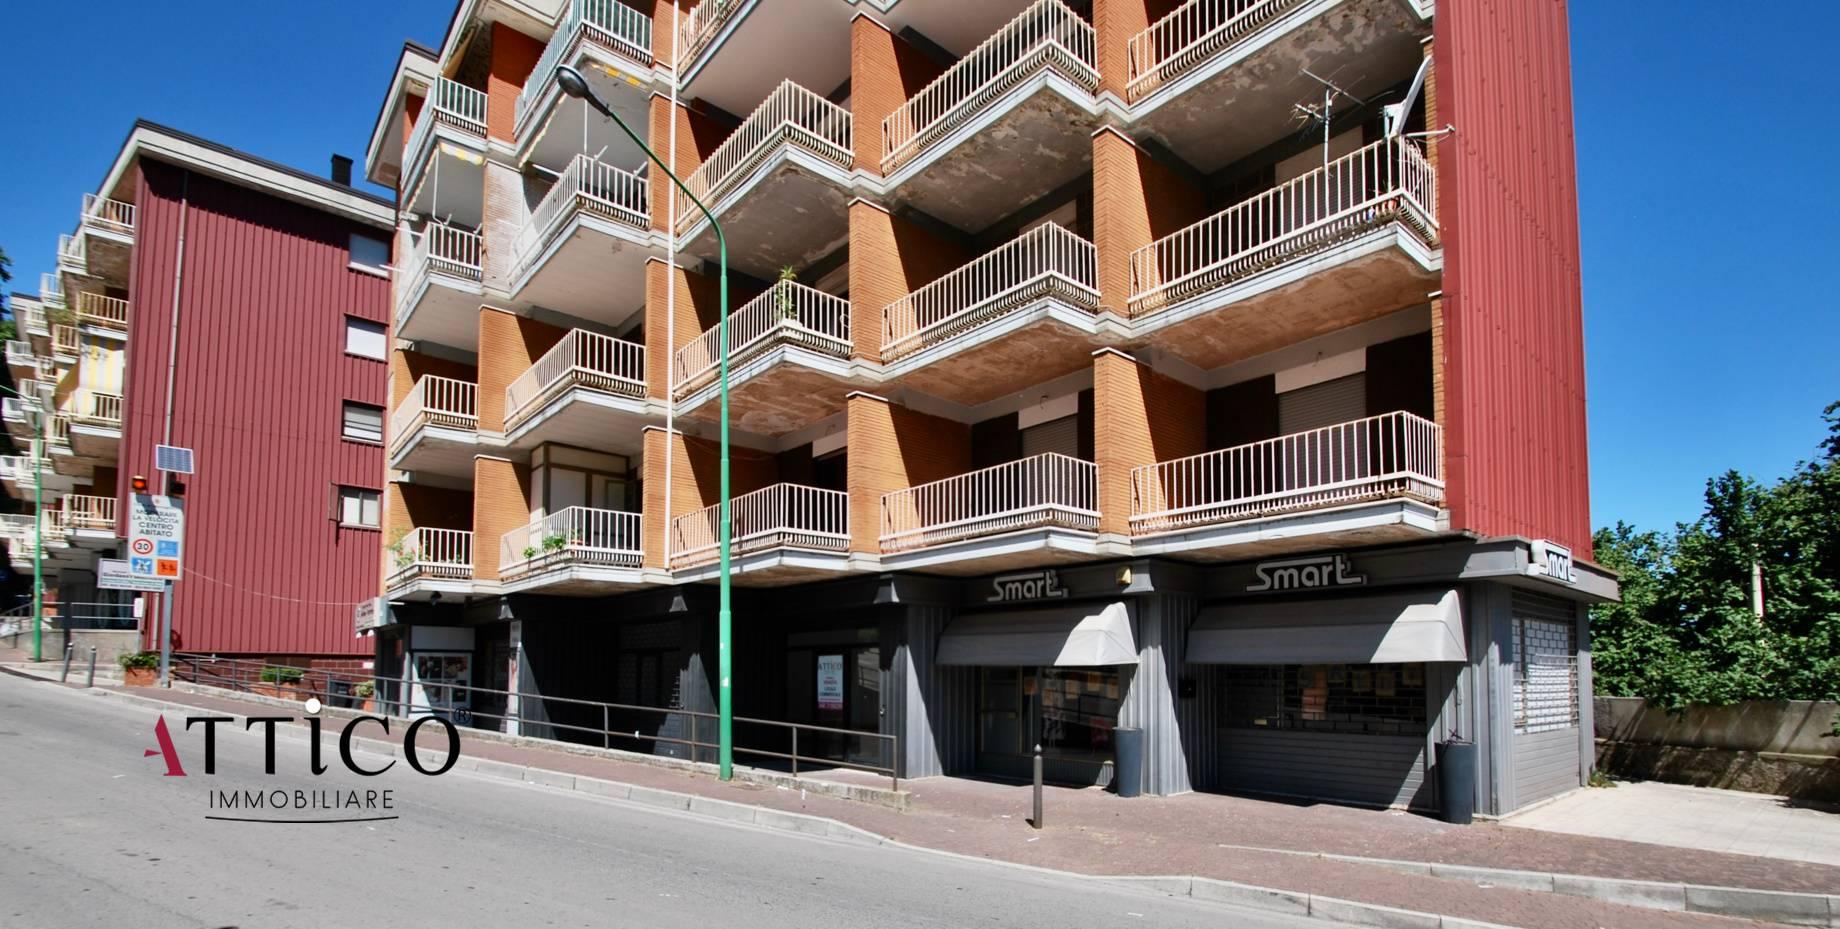 Appartamento in vendita a Mercogliano, 3 locali, prezzo € 95.000 | CambioCasa.it